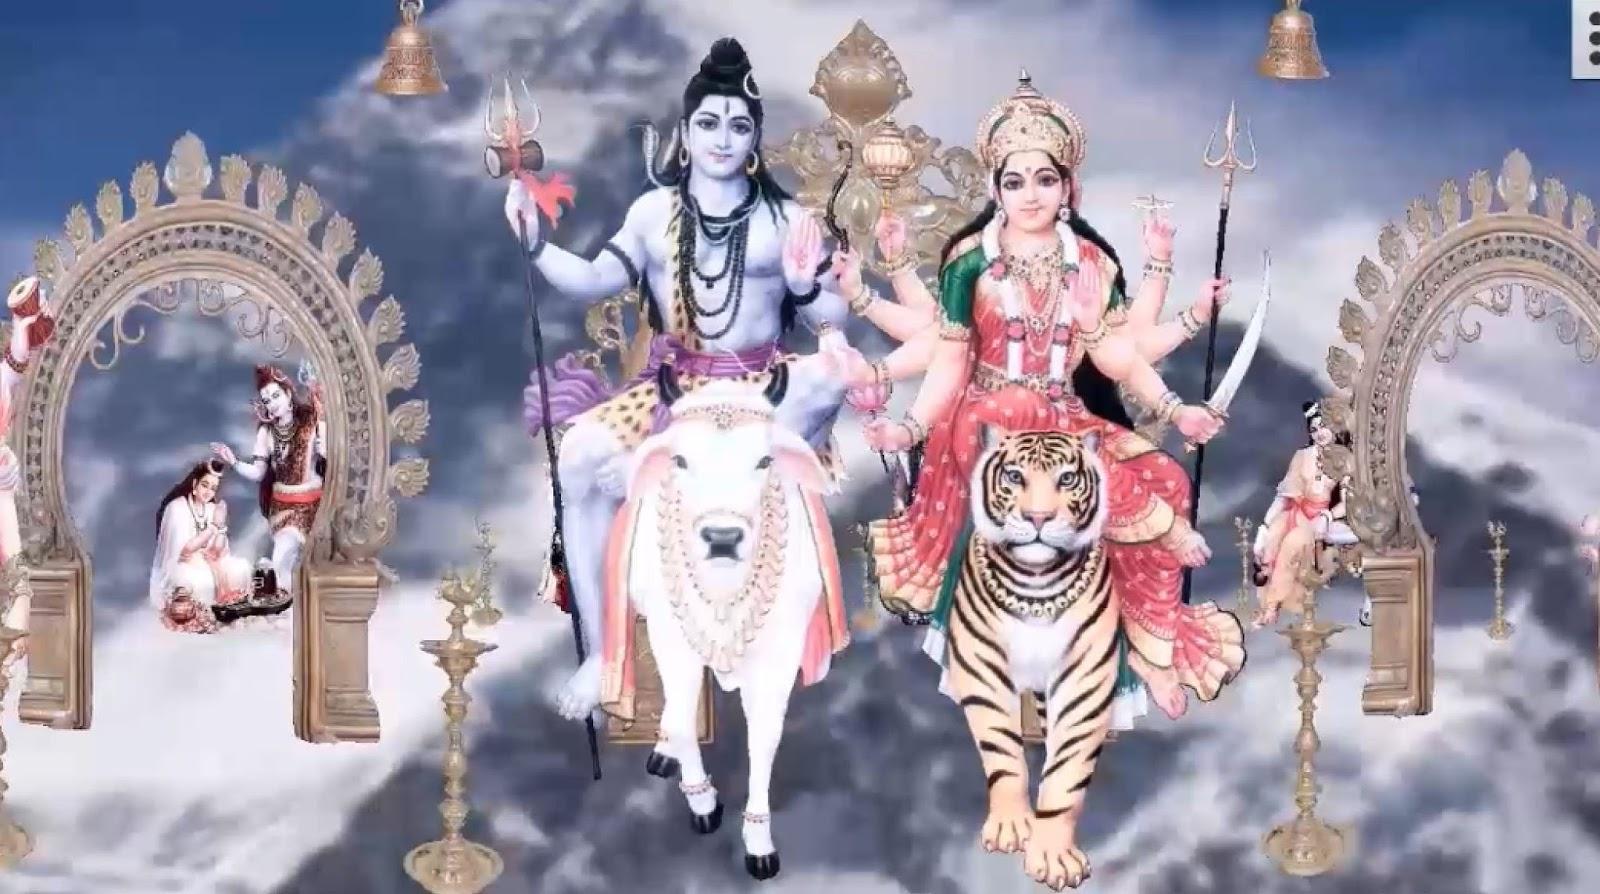 Best Radha Krishna Hd Wallpaper 9 Best Lord Shiva And Parvati Hd Wallpapers Free Download